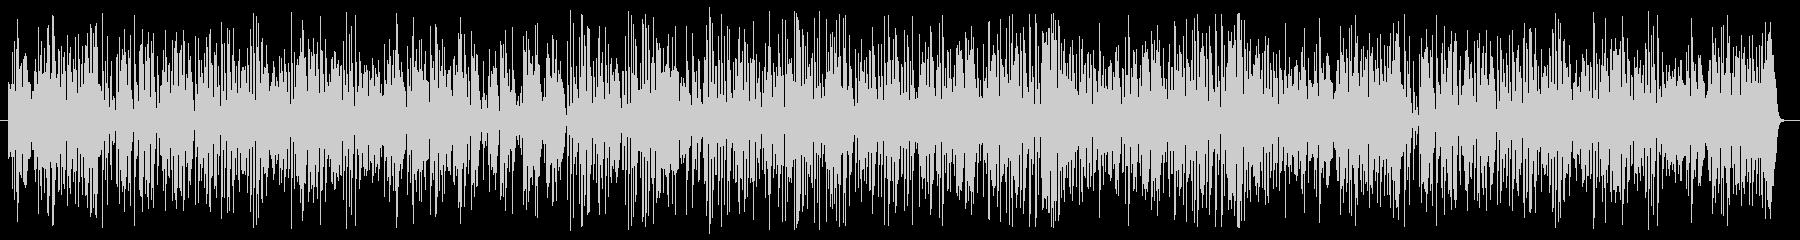 ラグタイムピアノスタイル。ピアノソ...の未再生の波形